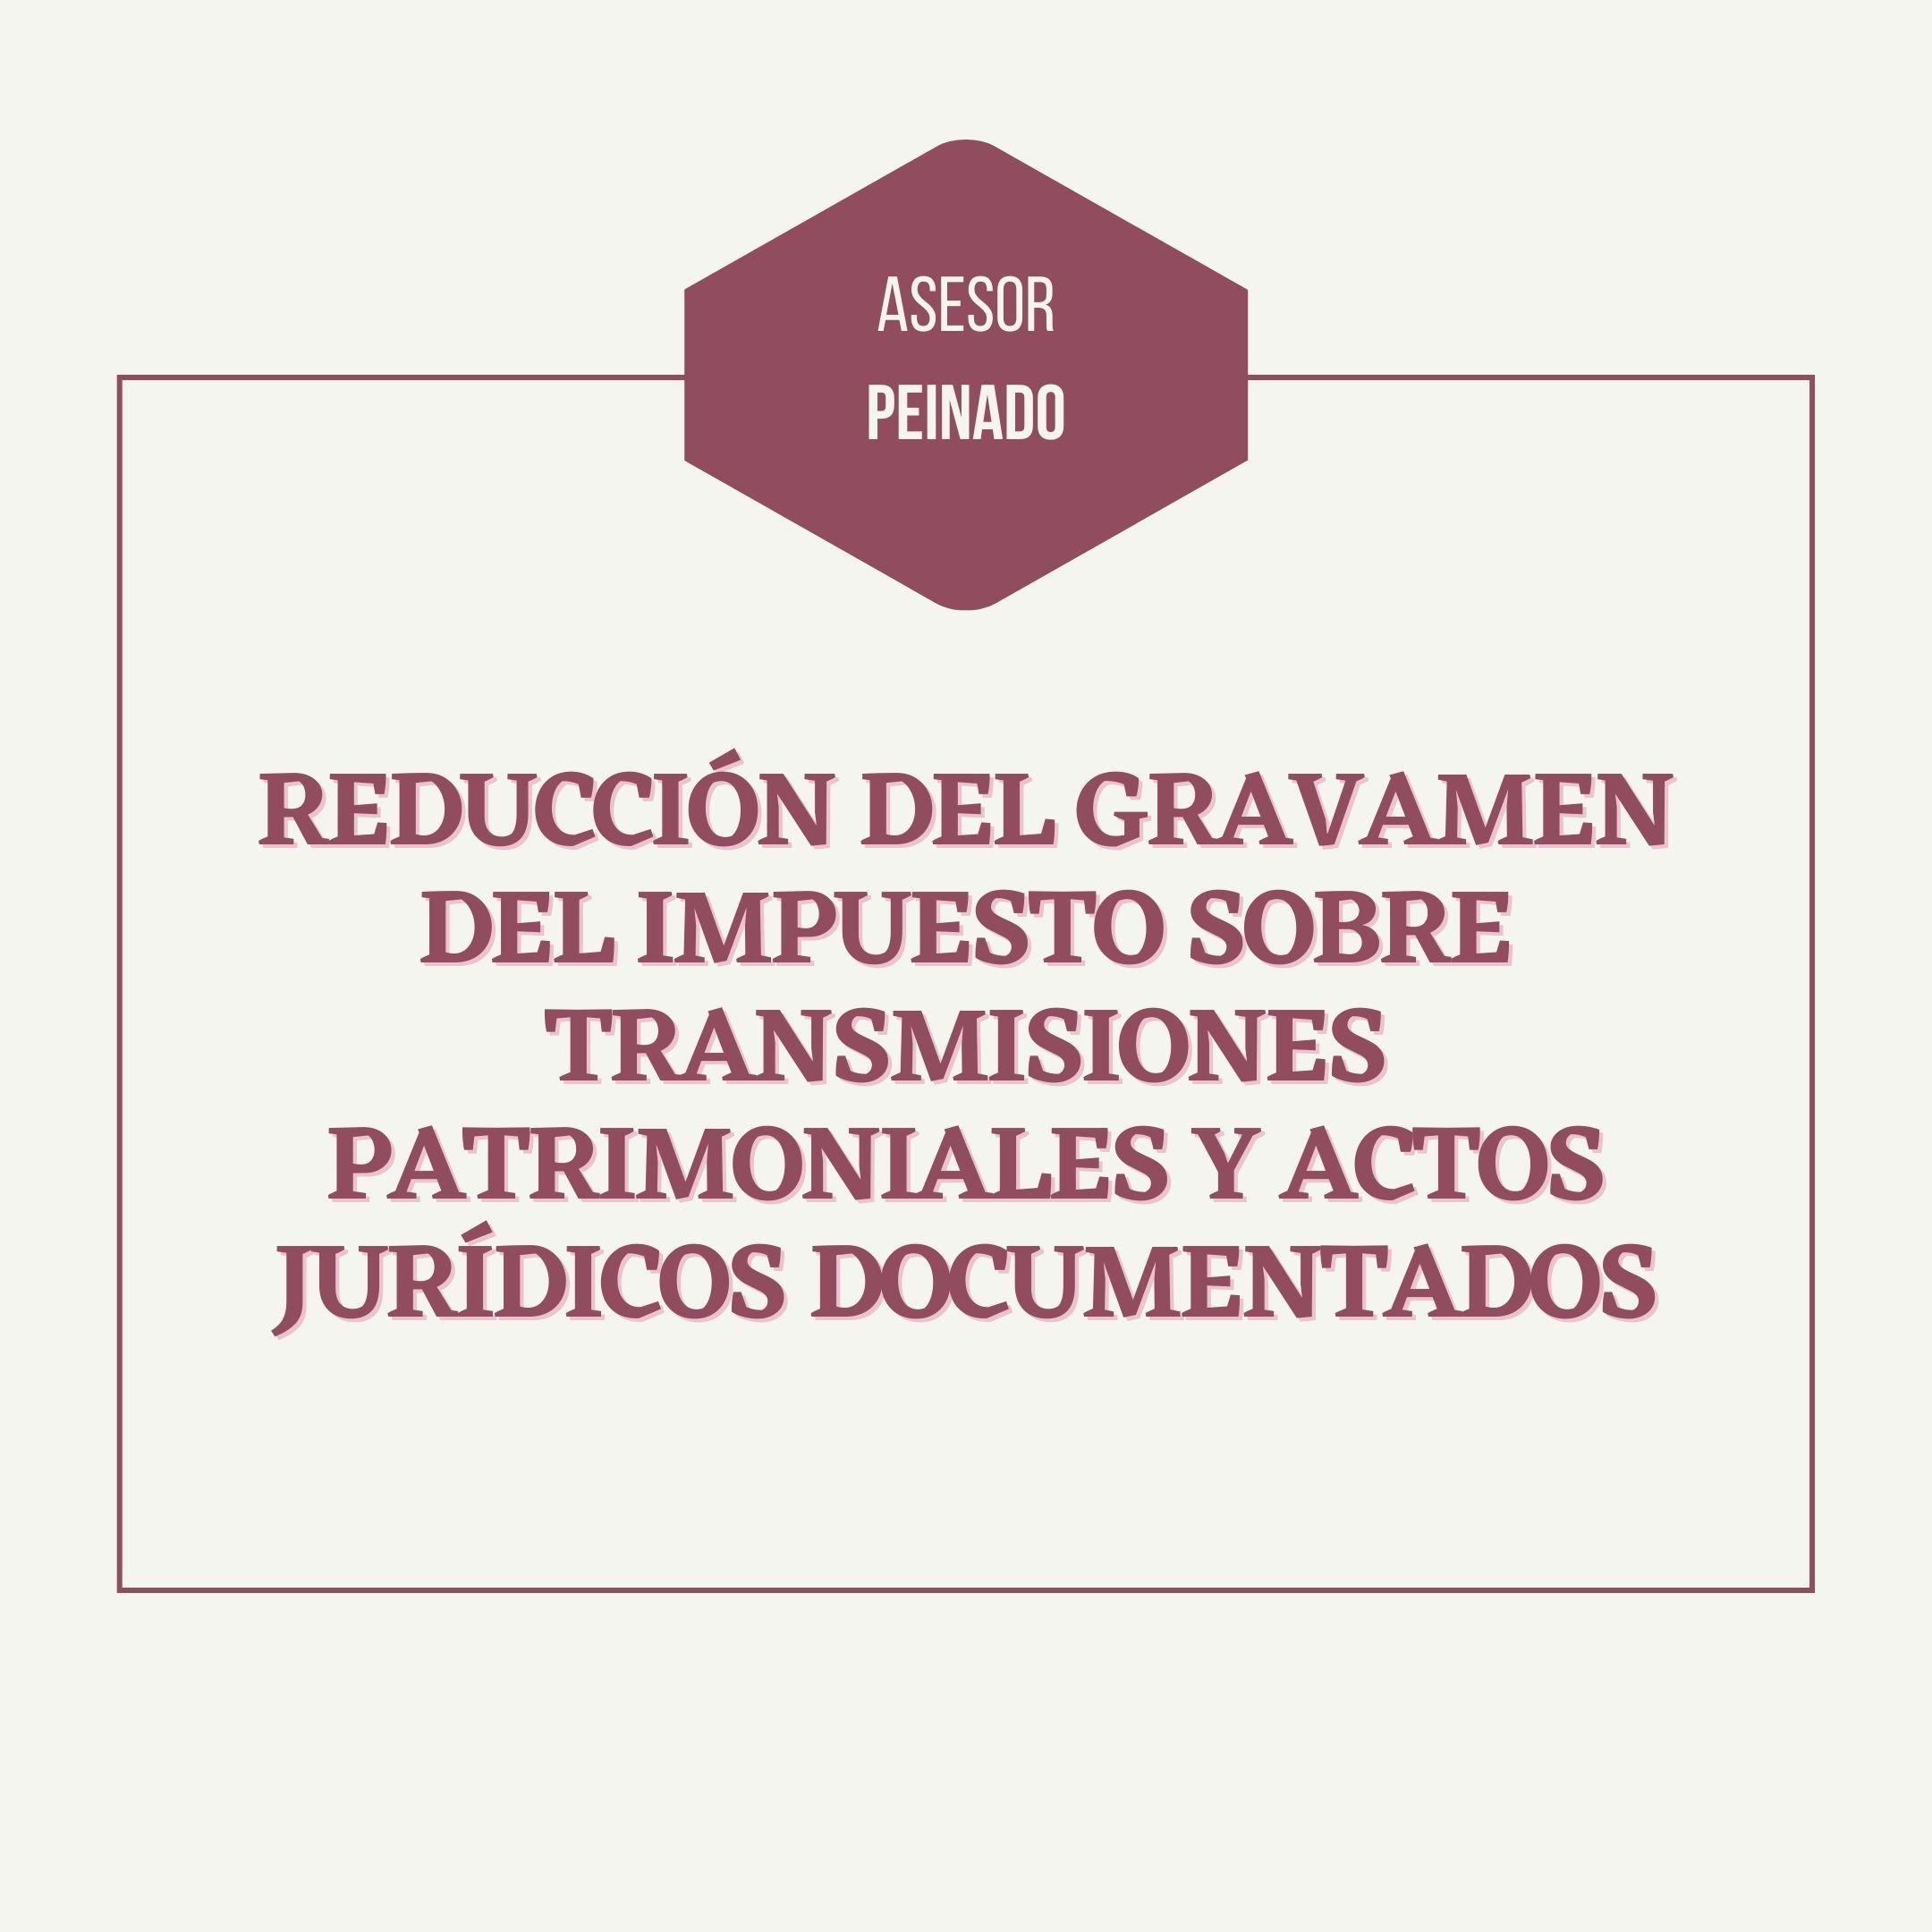 Reducción del gravamen del Impuesto sobre Transmisiones Patrimoniales y Actos Jurídicos Documentados